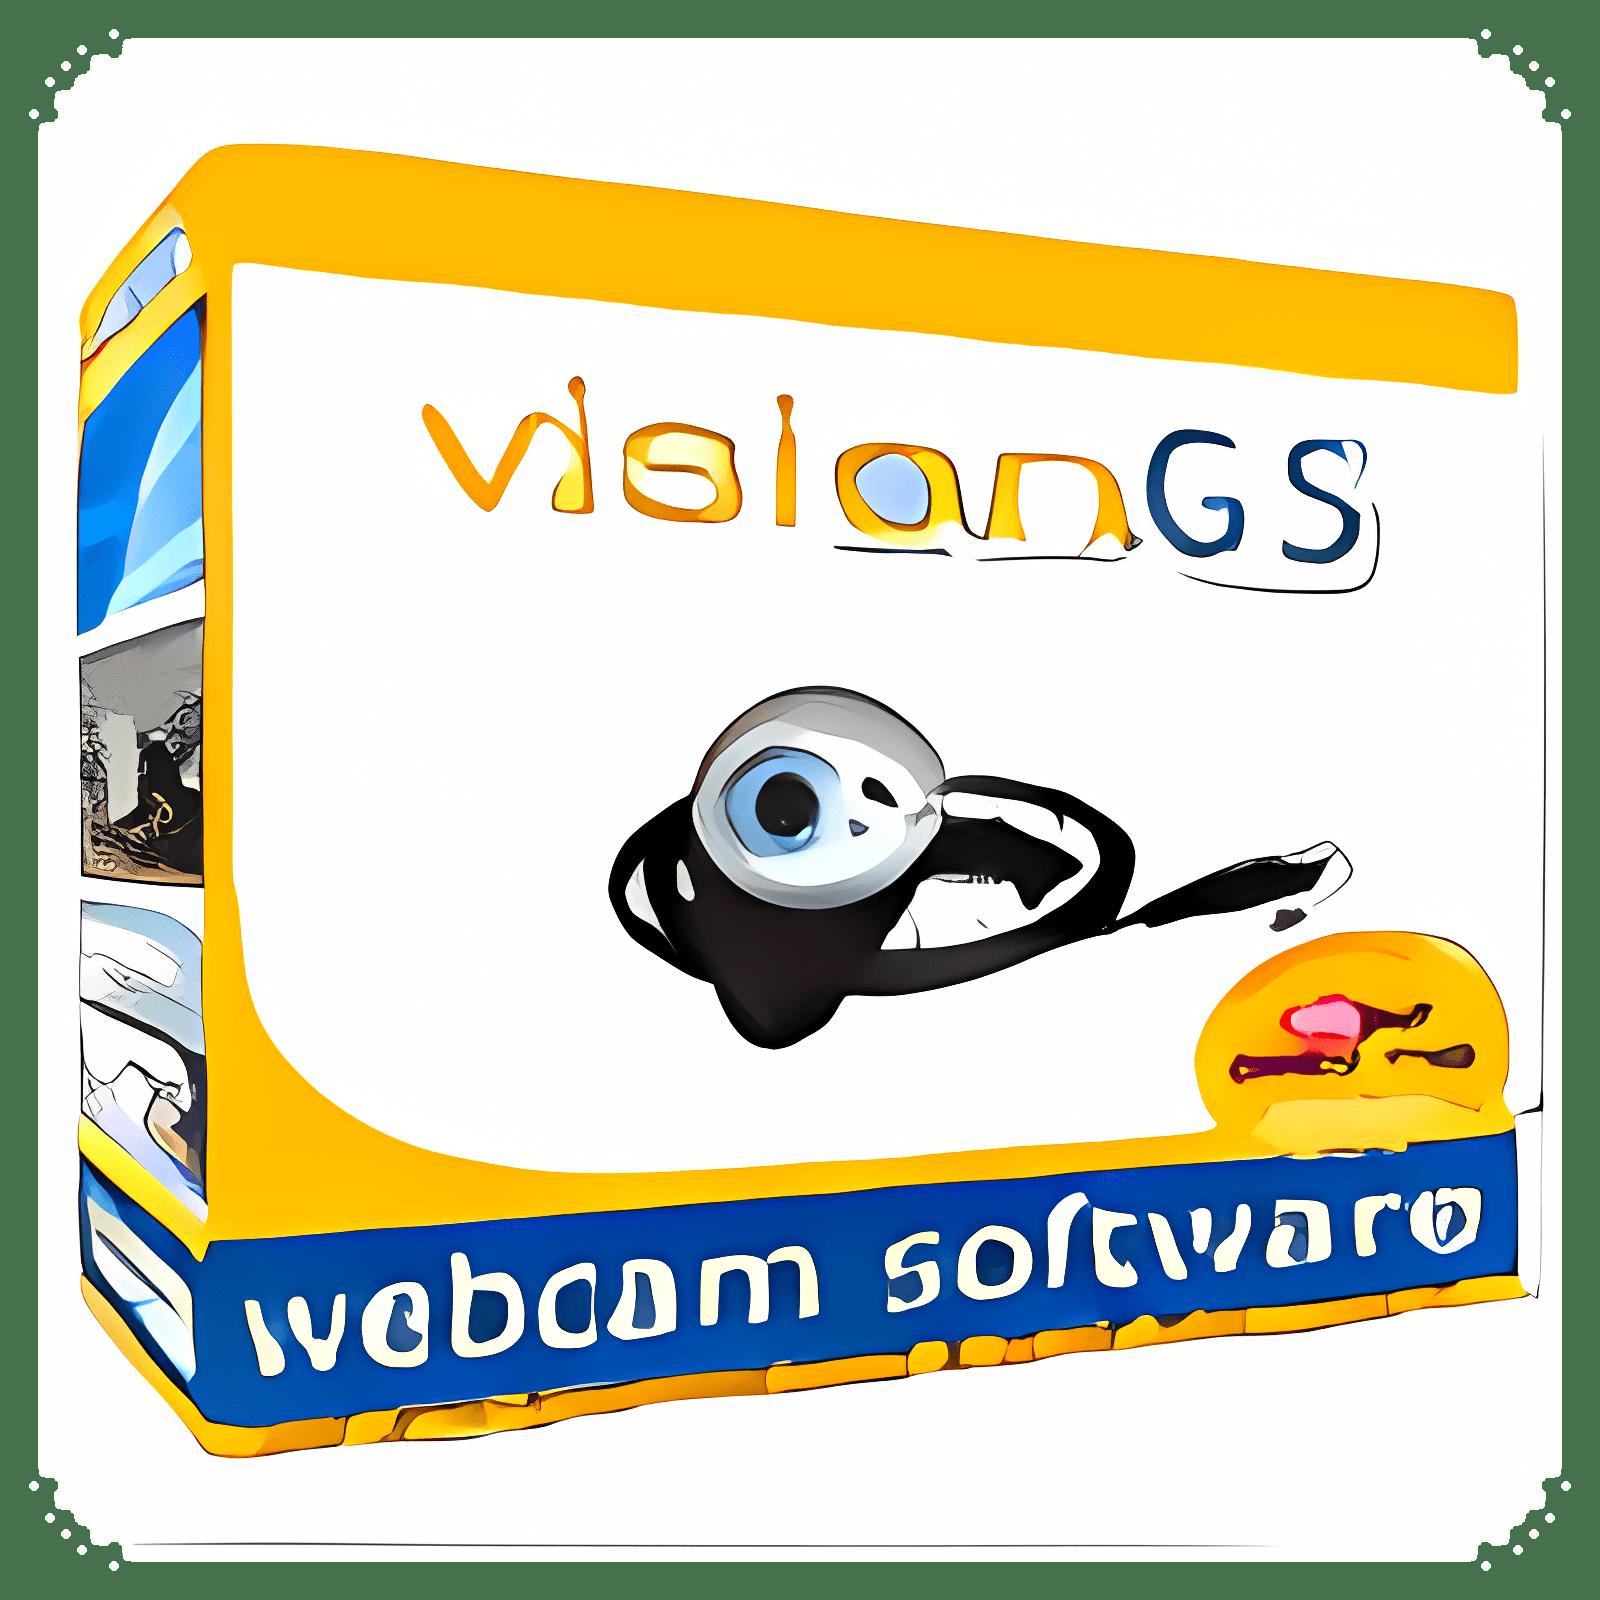 VisionGS